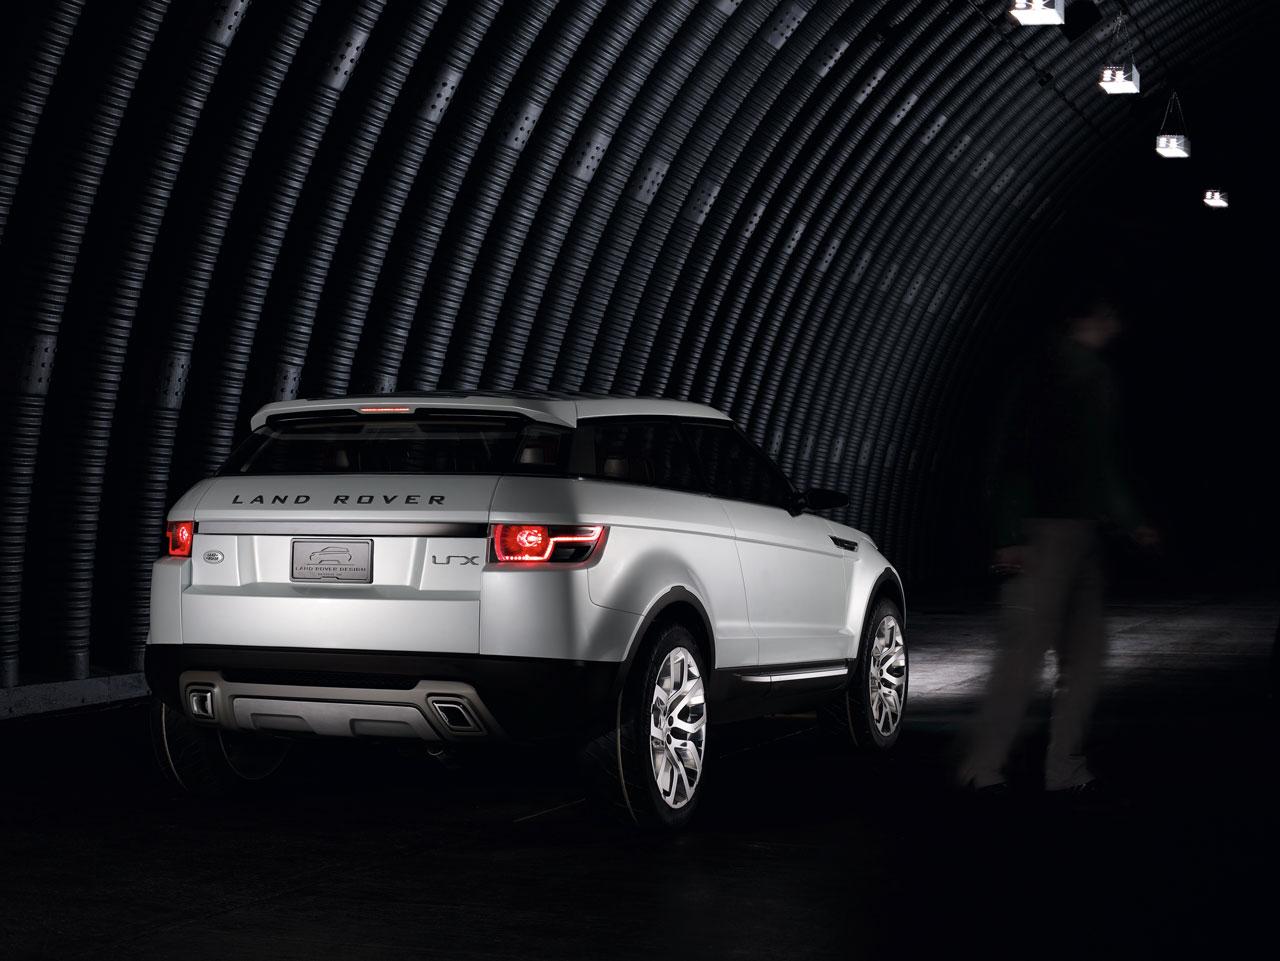 Land Rover LRX Concept - Car Body Design